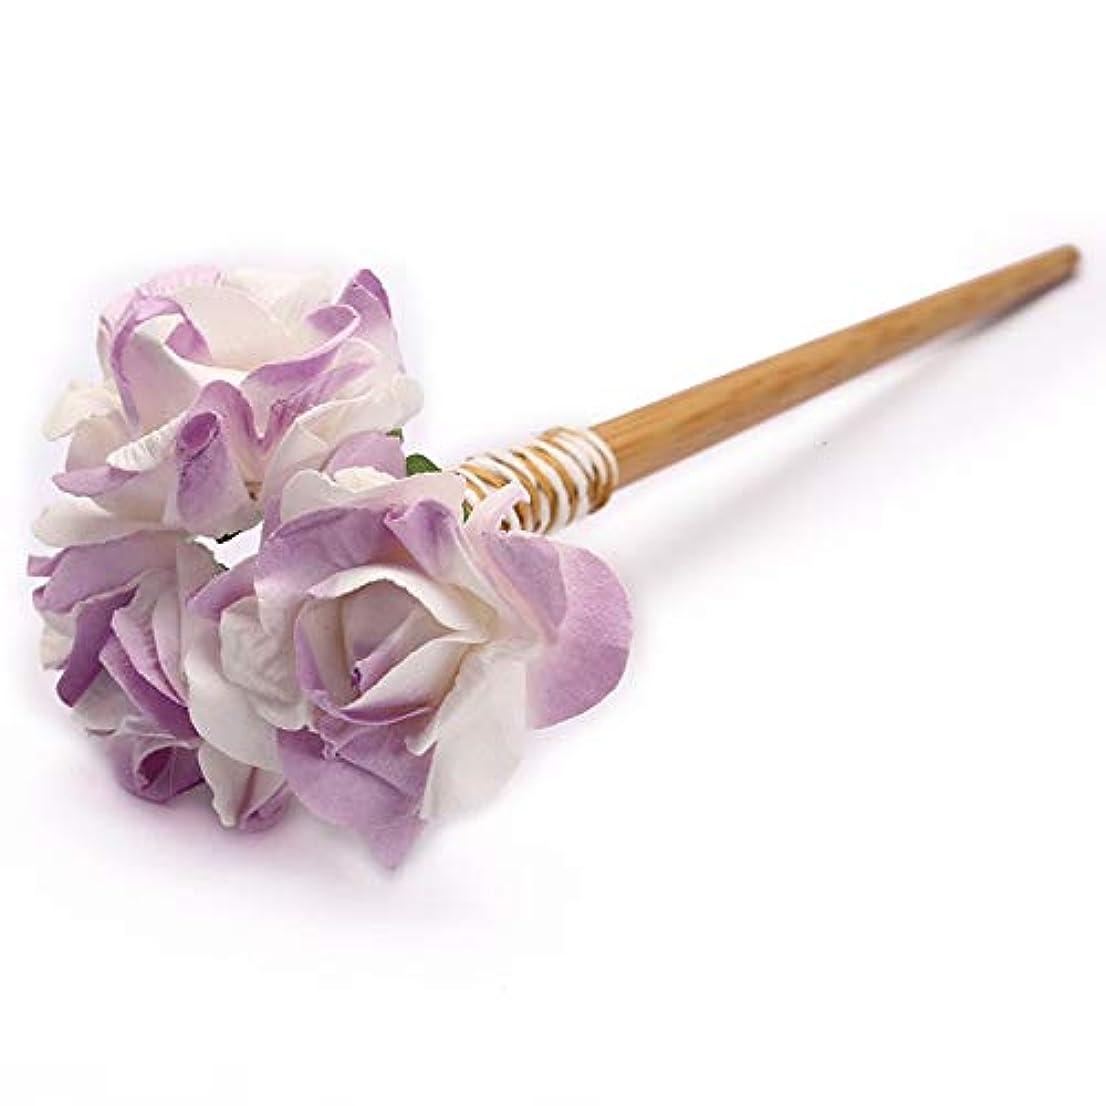 深める絶滅不十分なHuaQingPiJu-JP 古典的な花のヘアクリップのマニュアル宮殿の婚礼アクセサリーエレガントなコートのヘアクリップのギフト(ライトパープル)